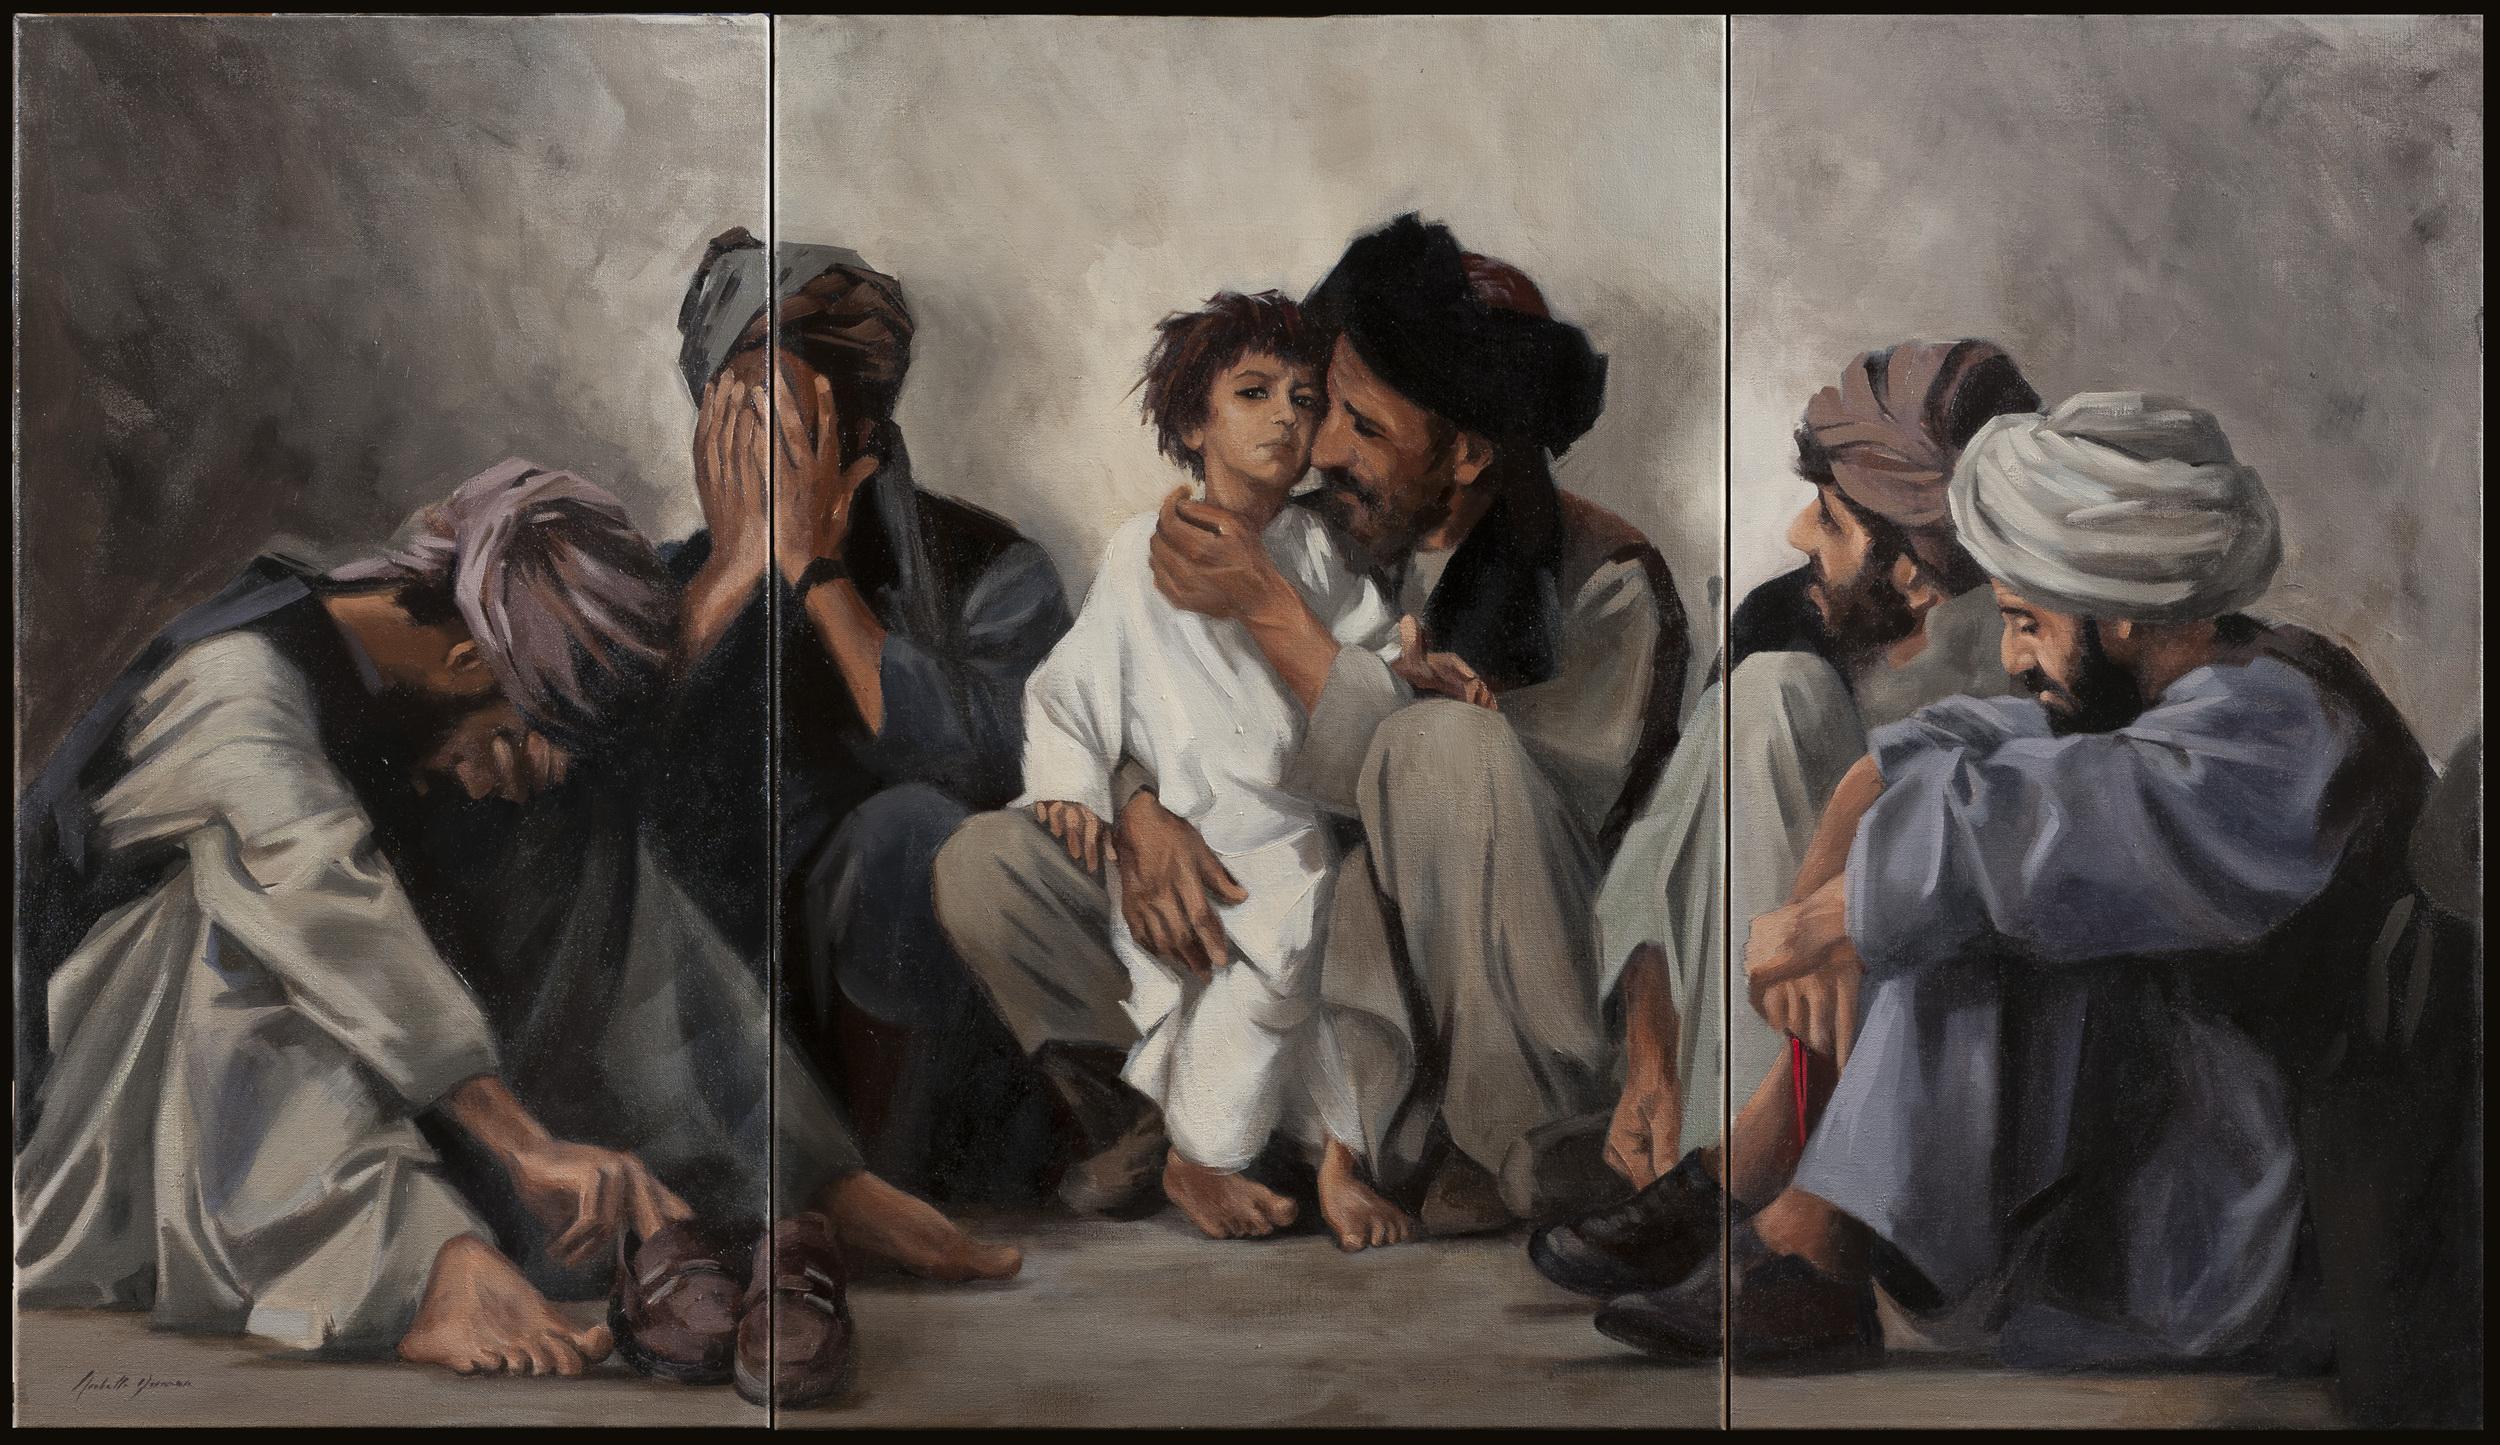 Struggle to Survive, Sangin, 2014, Afghanistan